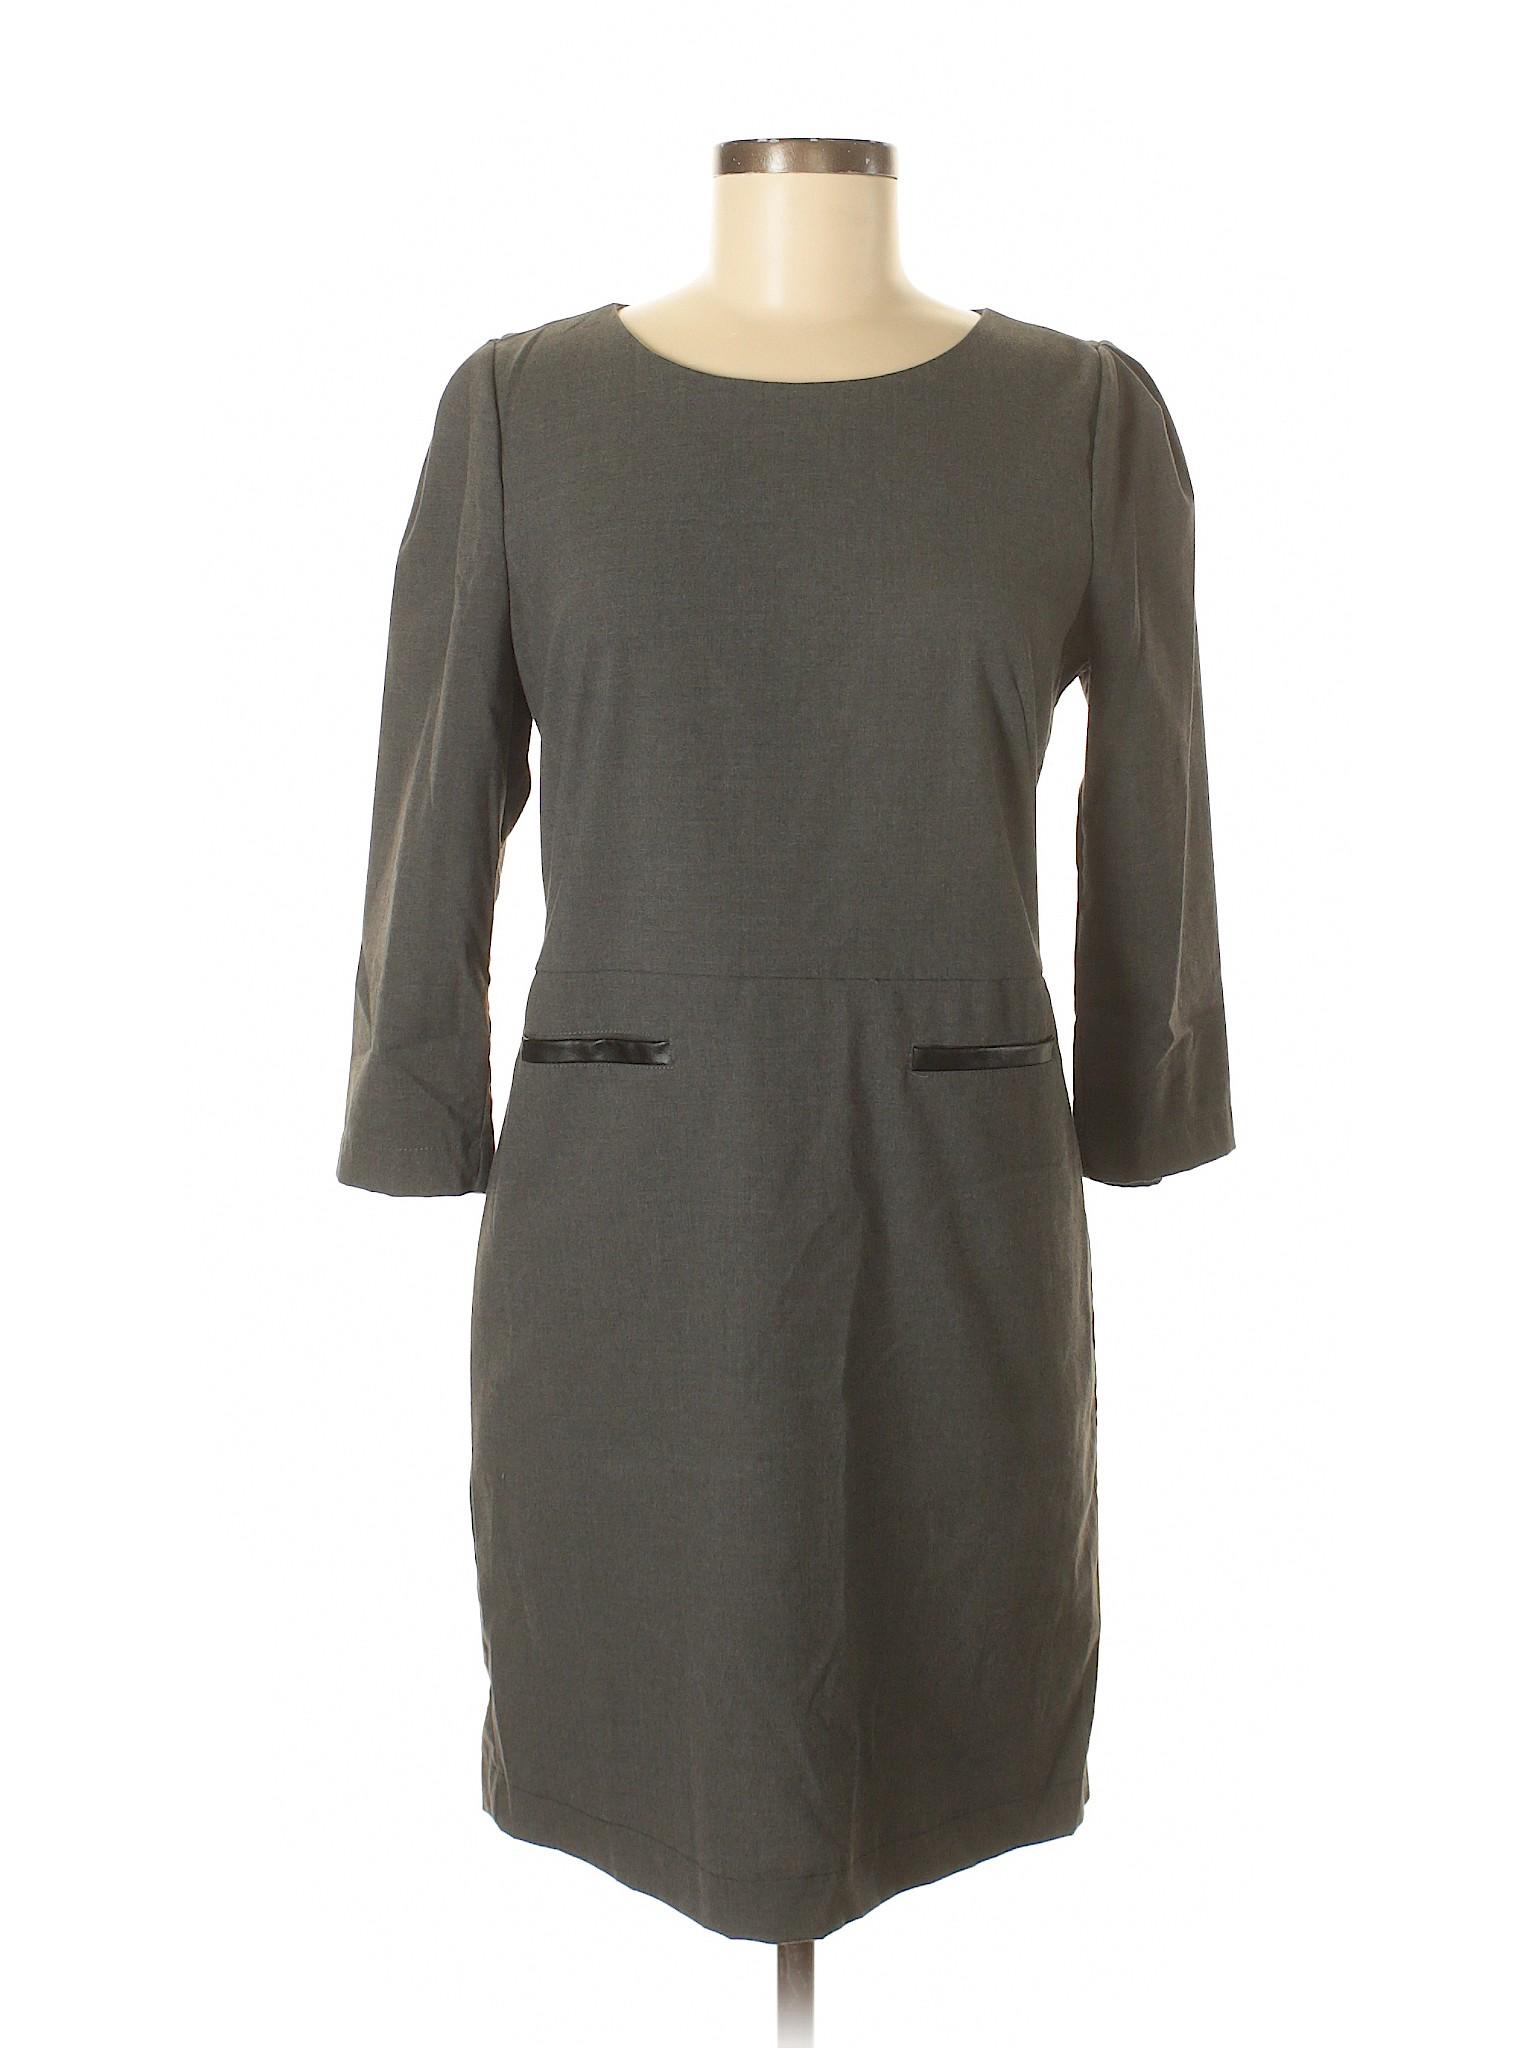 Gap Casual Dress Boutique winter winter Boutique IXqTwHtOx